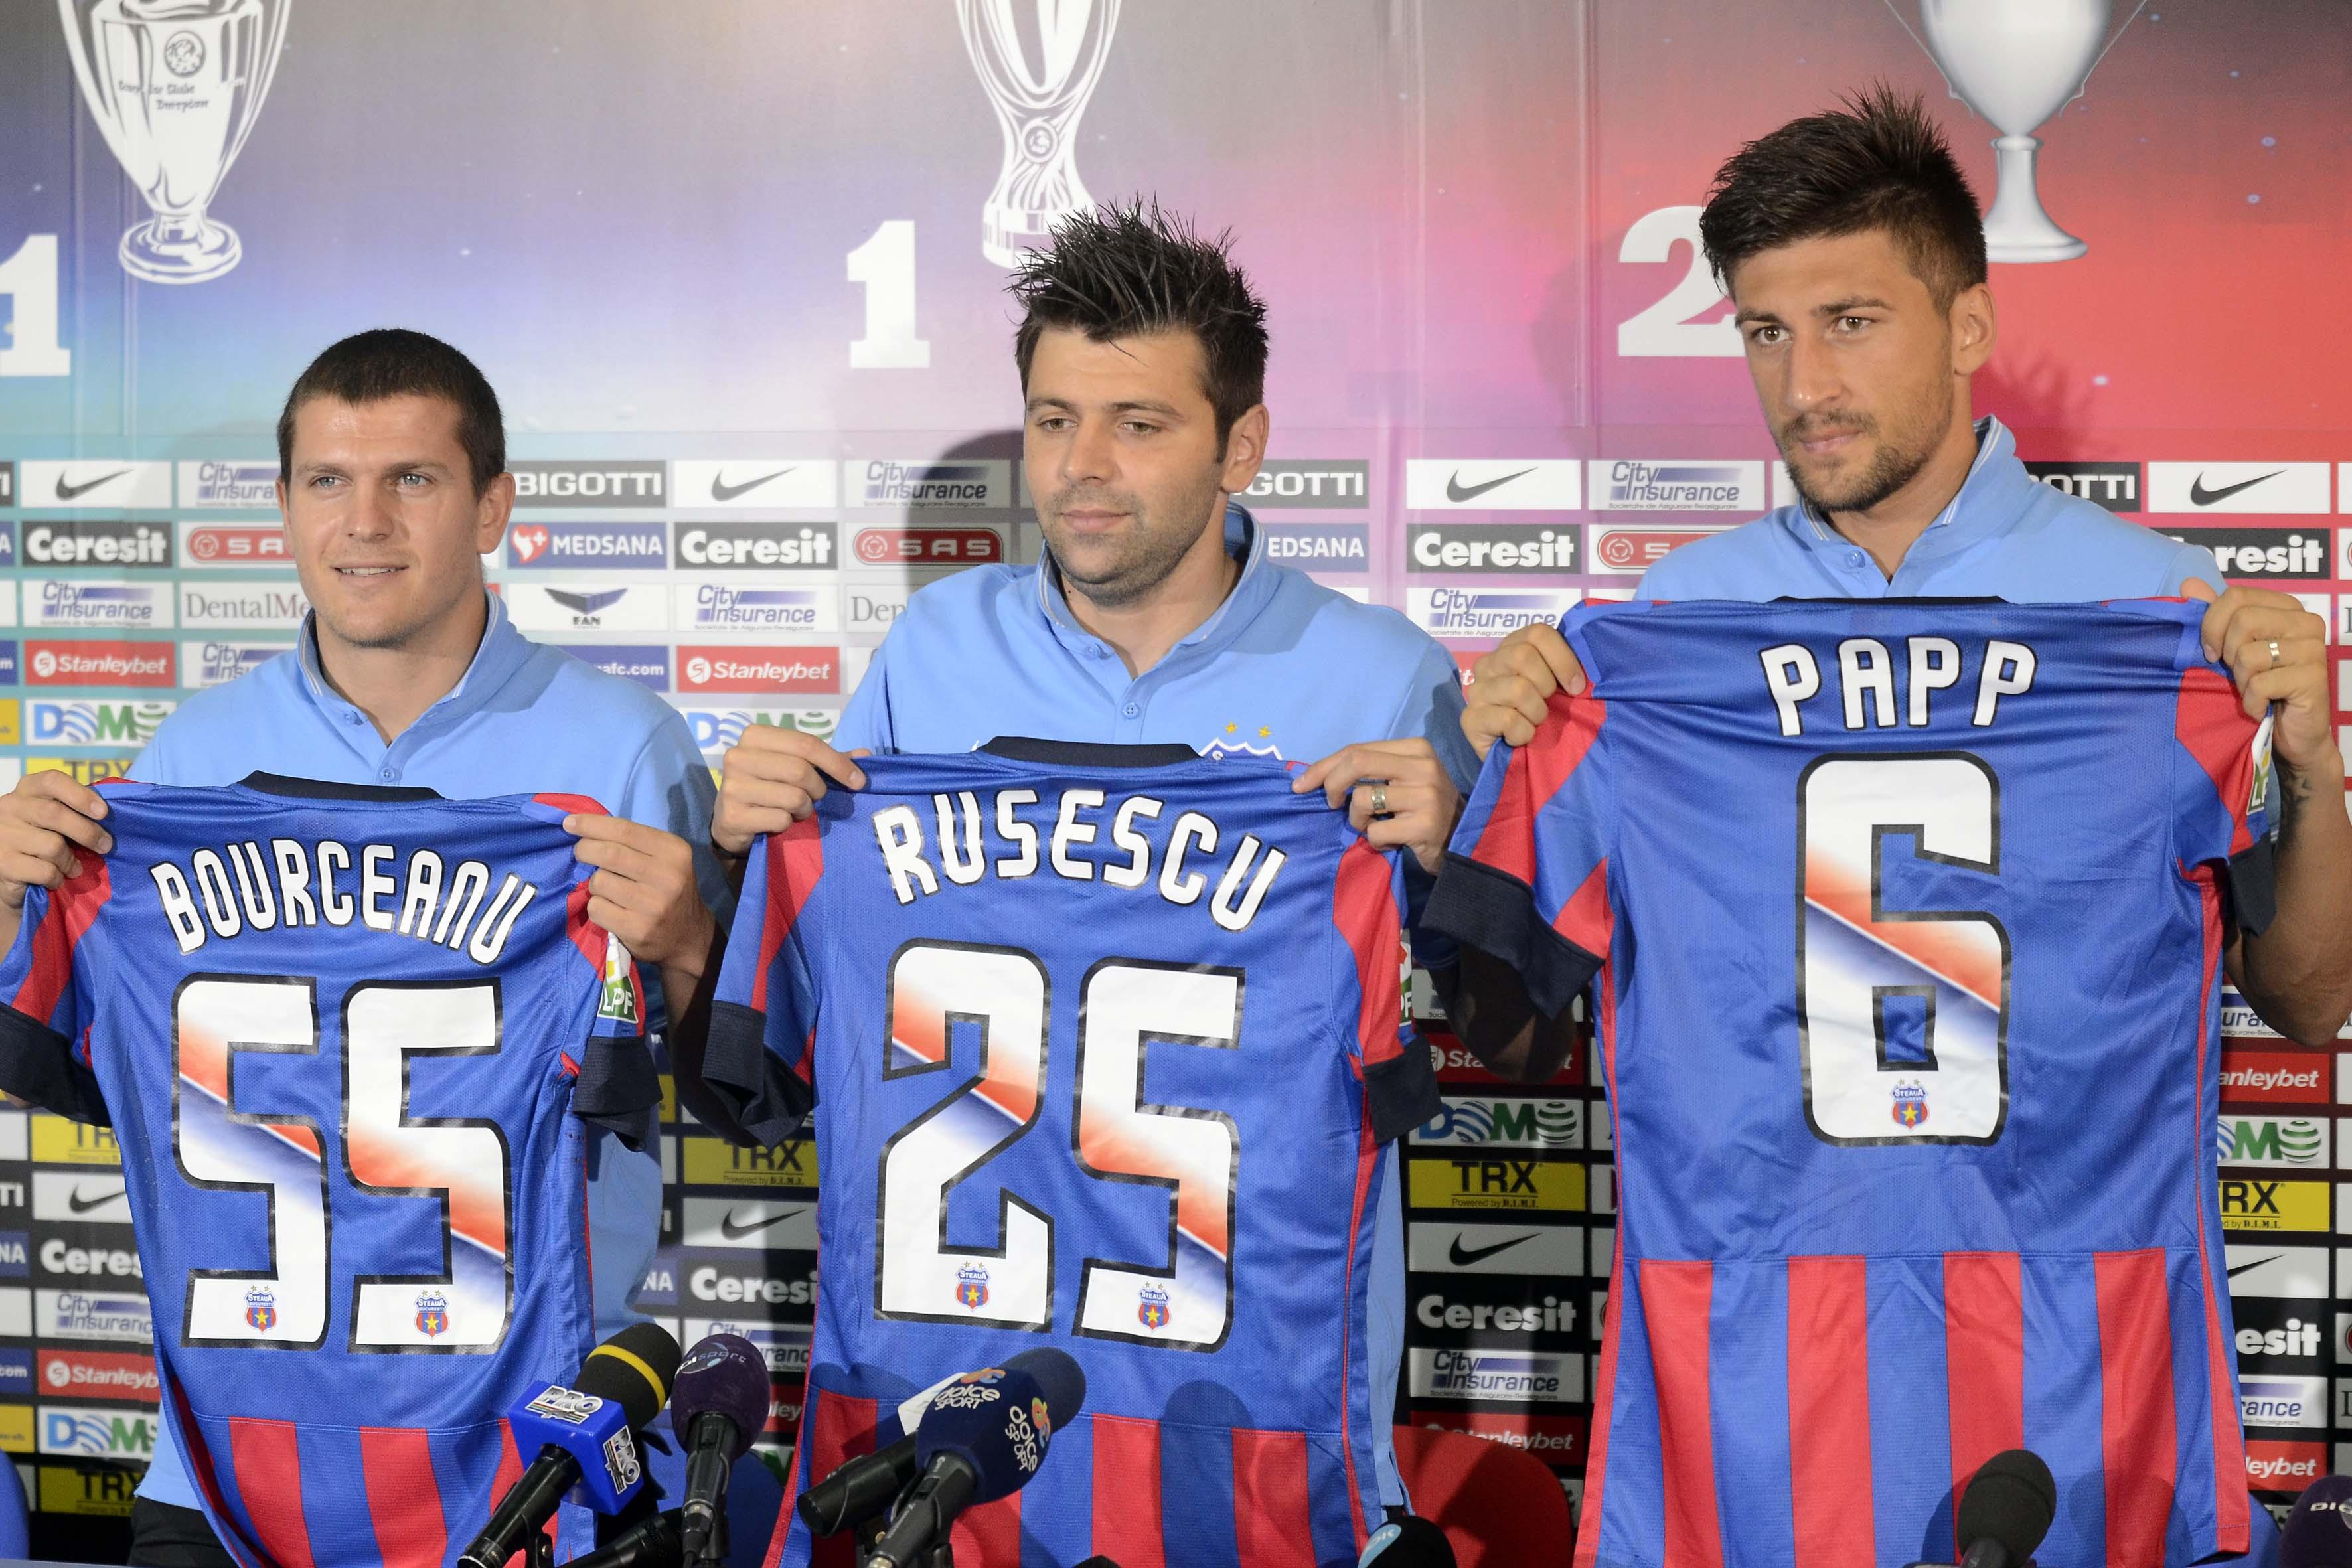 Lideri şi la achiziţii » Roş-albaştrii au transferat puţin, dar au fost inspiraţi! Analiza transferurilor principalelor echipe din Liga 1